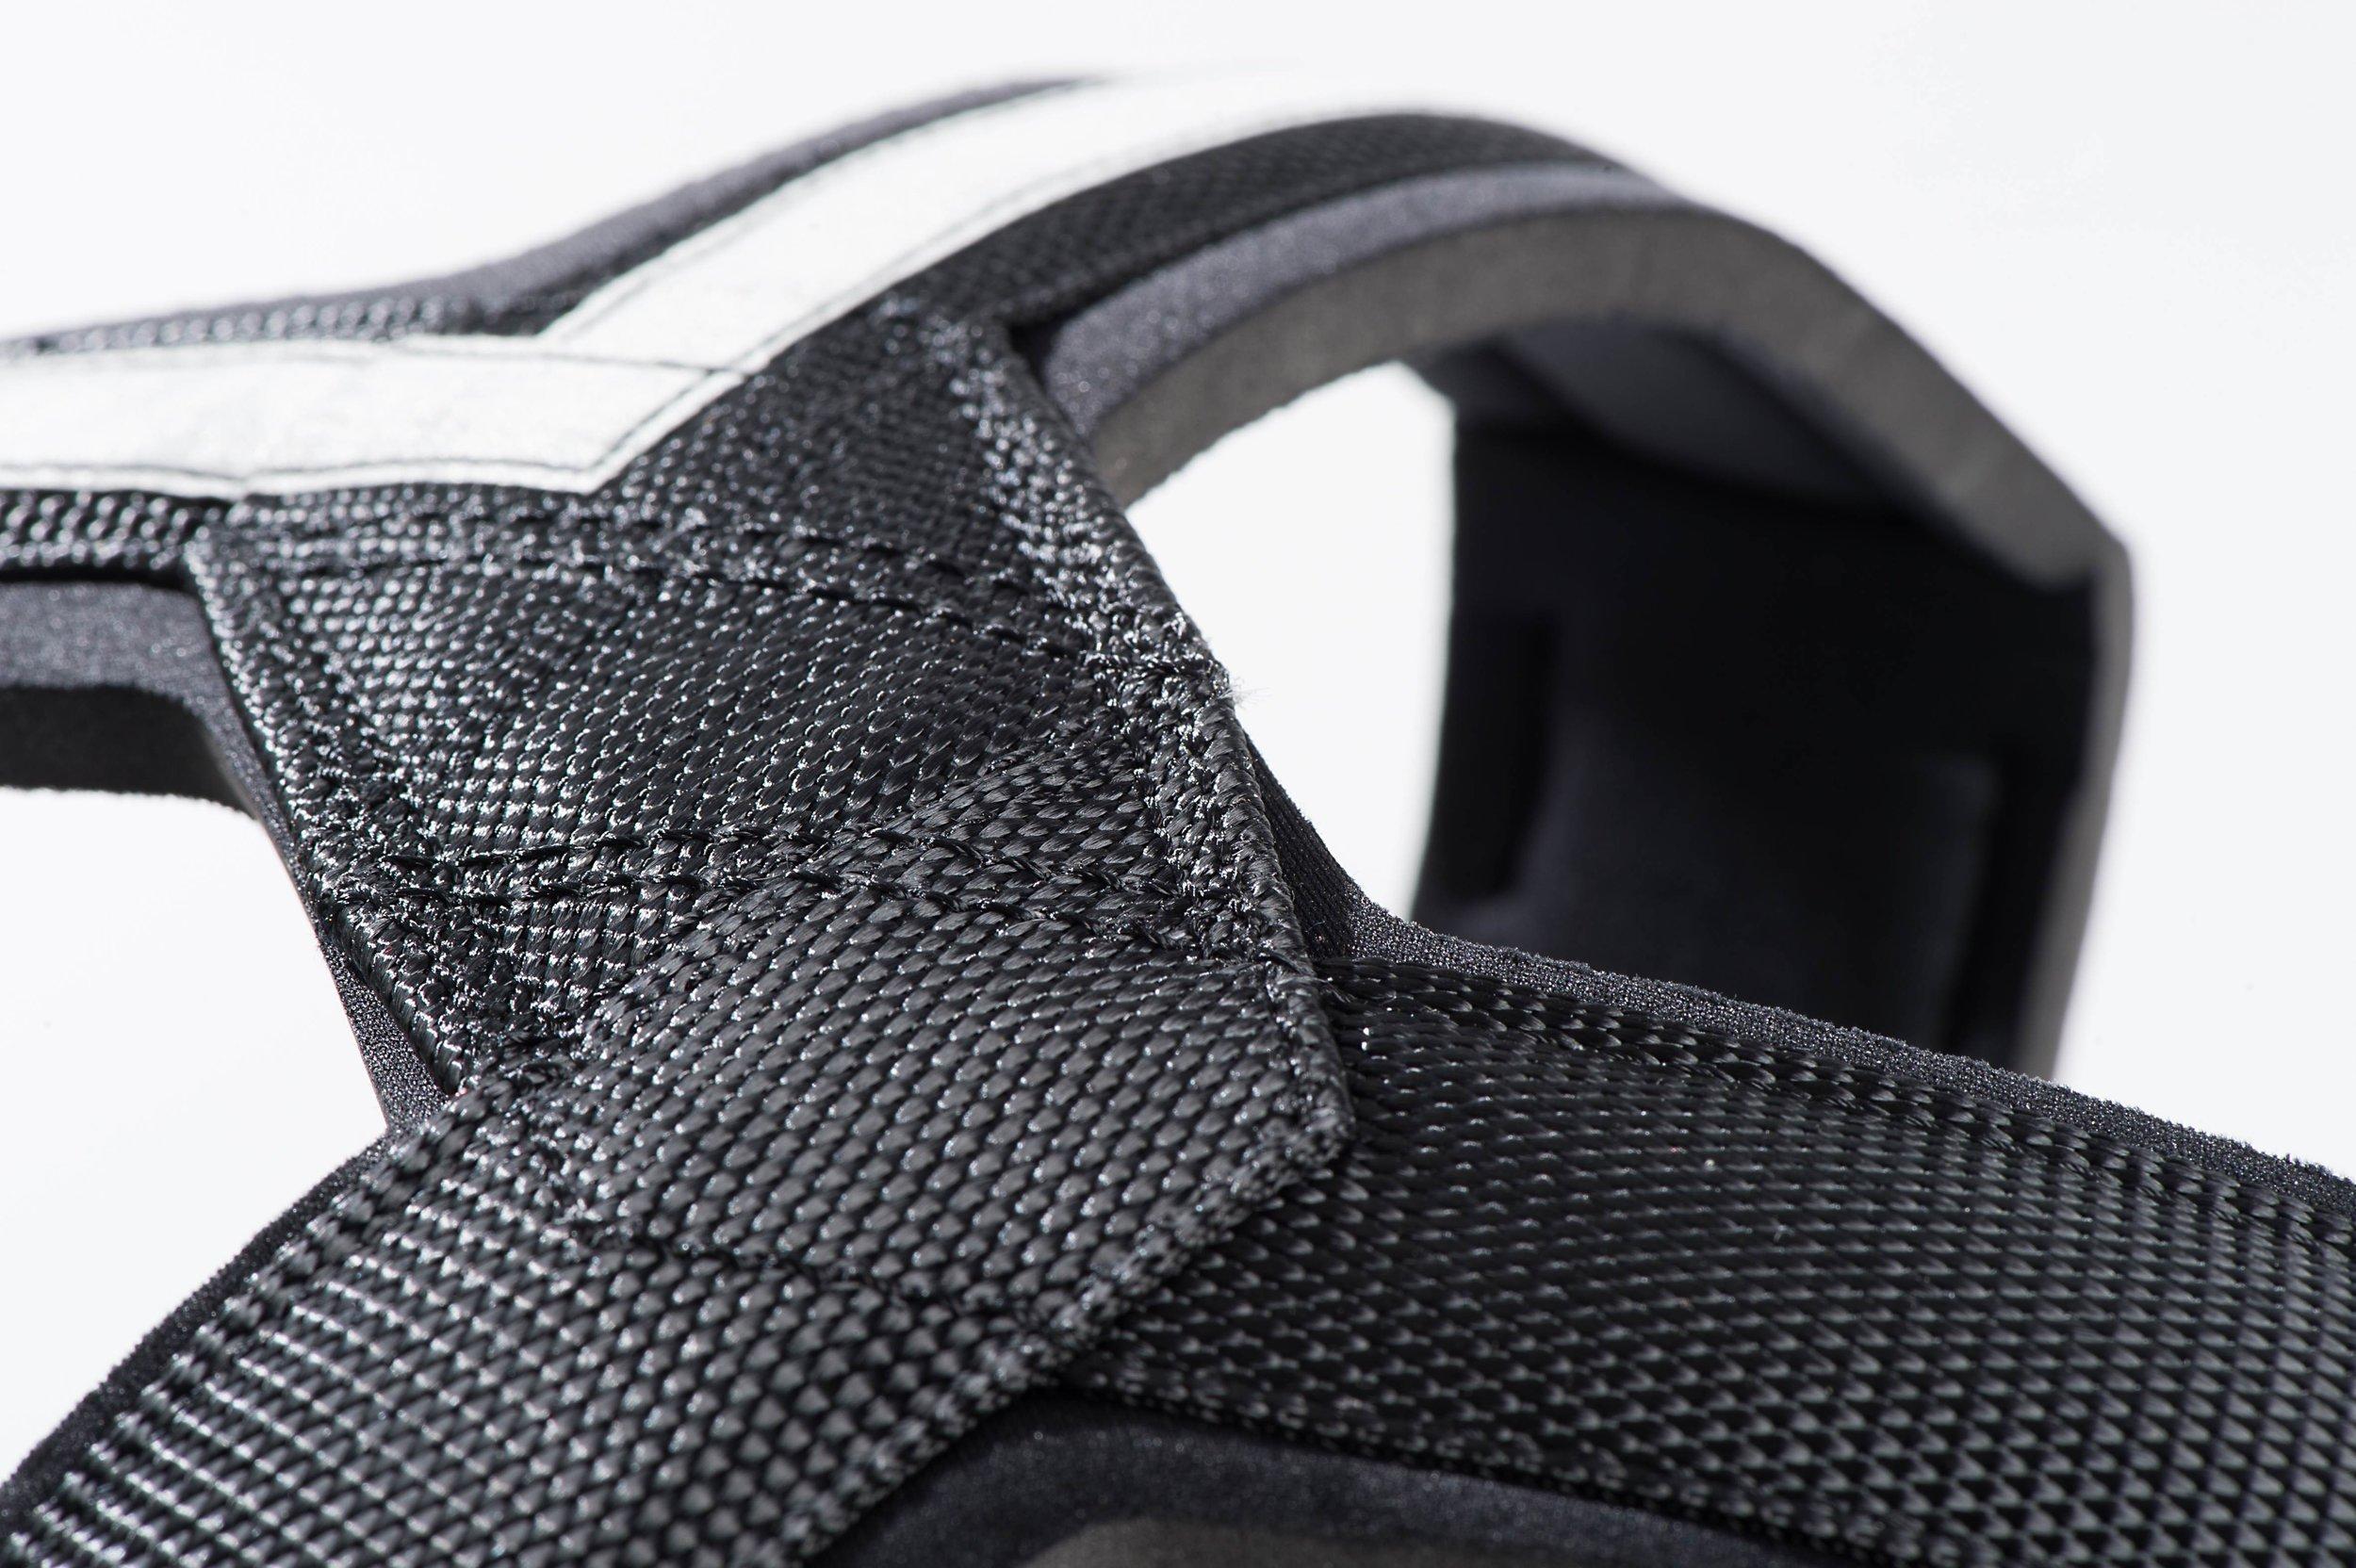 allsafe stitched webbing.jpg